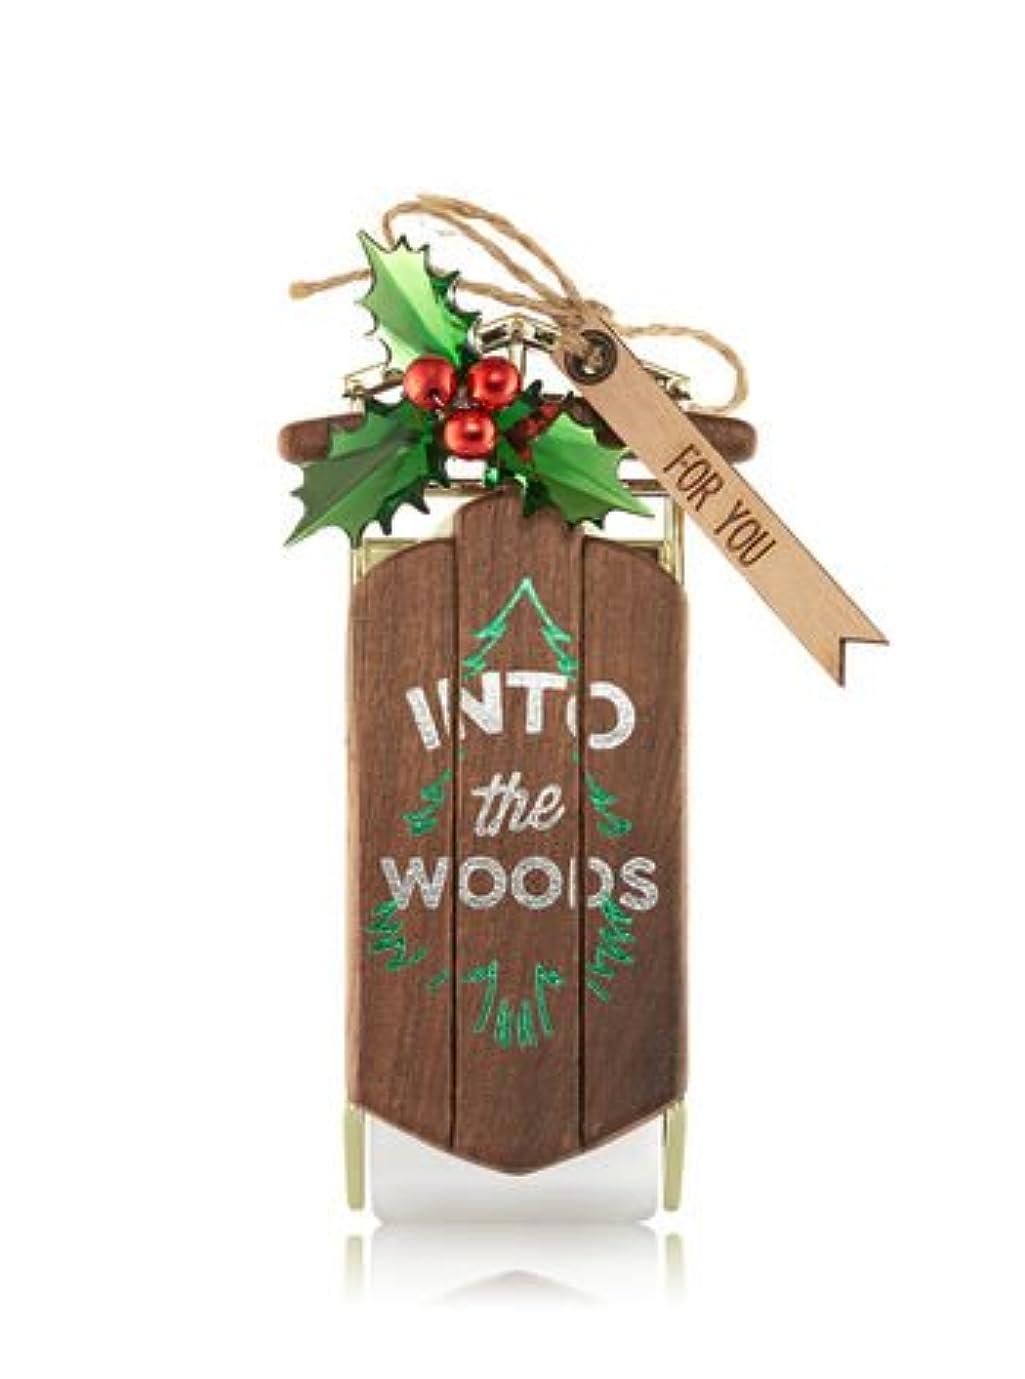 ペダルパワーセル自分【Bath&Body Works/バス&ボディワークス】 ルームフレグランス プラグインスターター (本体のみ) イントゥーザウッズ Wallflowers Fragrance Plug Into The Woods [並行輸入品]